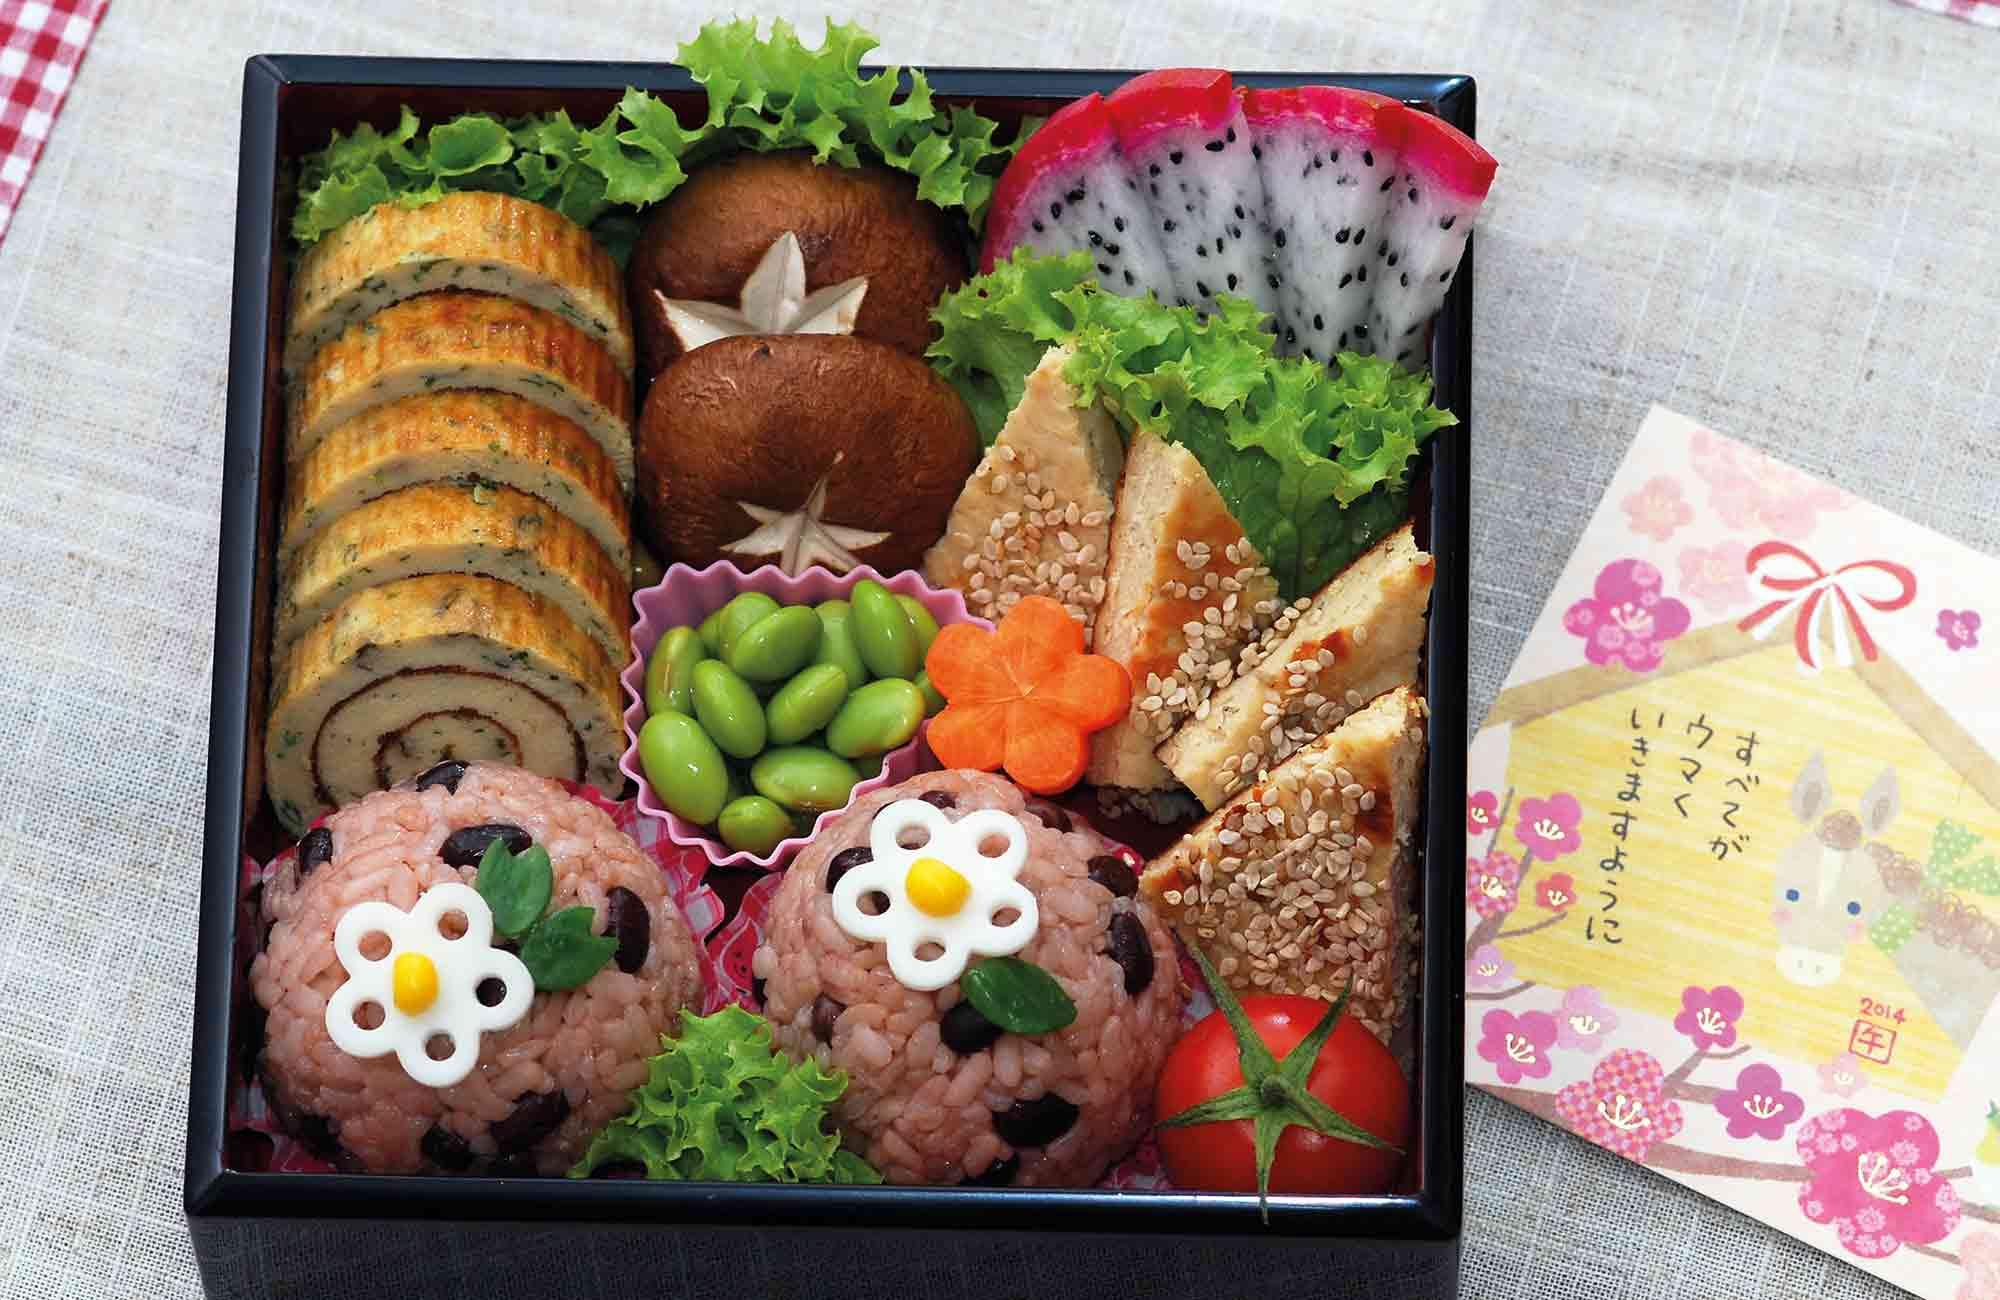 Bento d'un Osechi Ryori lors 'Oshogatsu, la fête du nouvel an au Japon avec Amplitudes